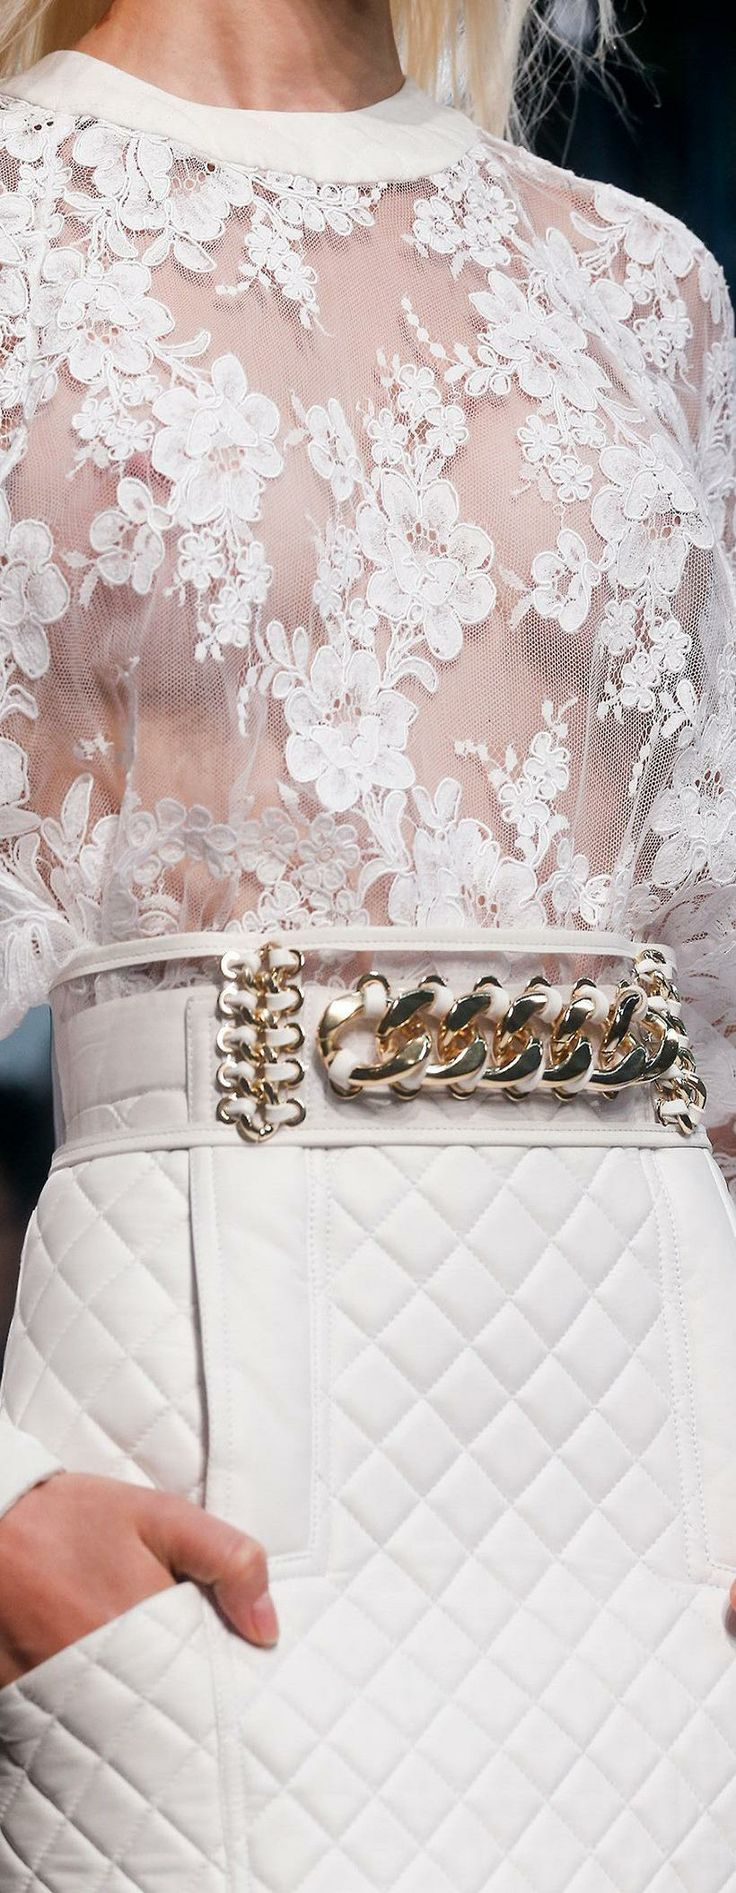 Fashion in details ♥✤   KeepSmiling   BeStayClassy